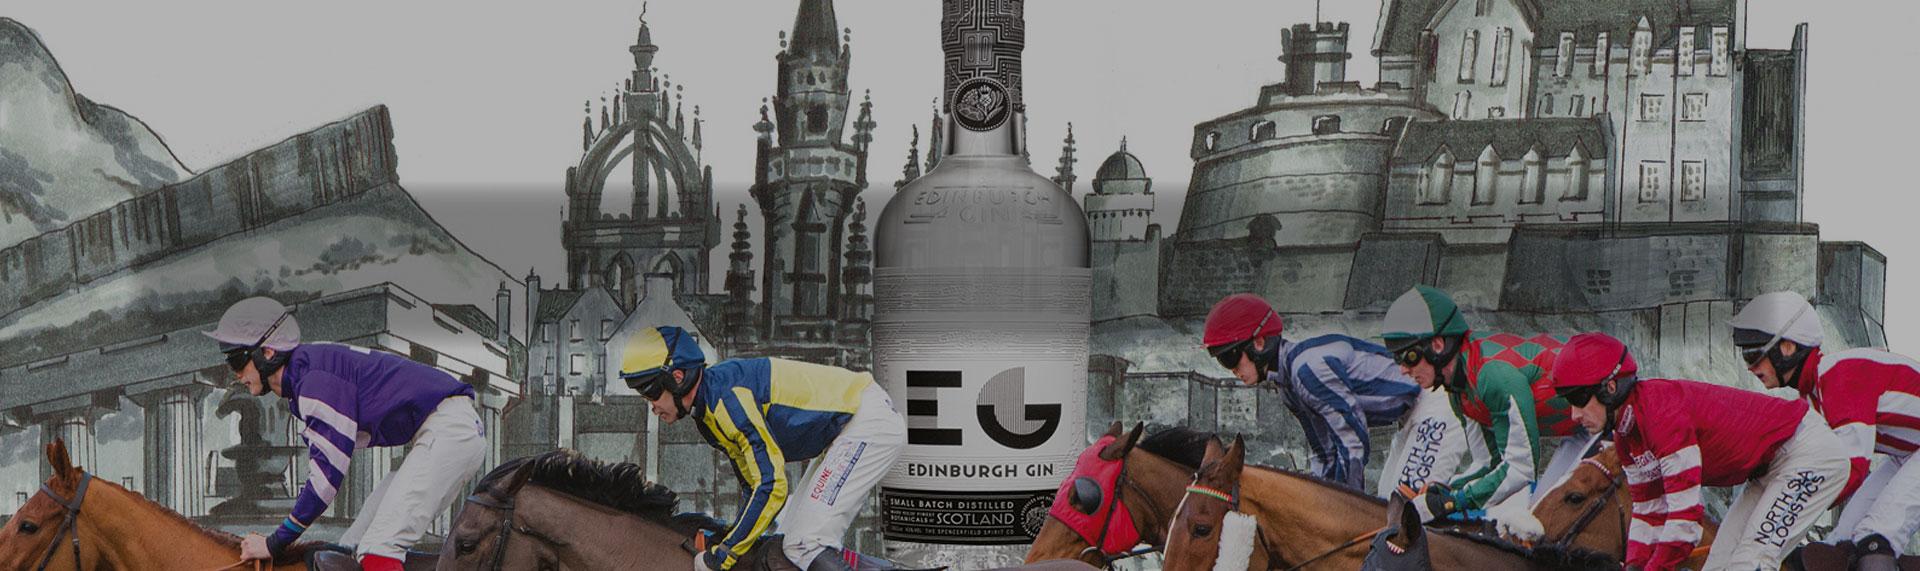 Edinburgh Cup Blog Post